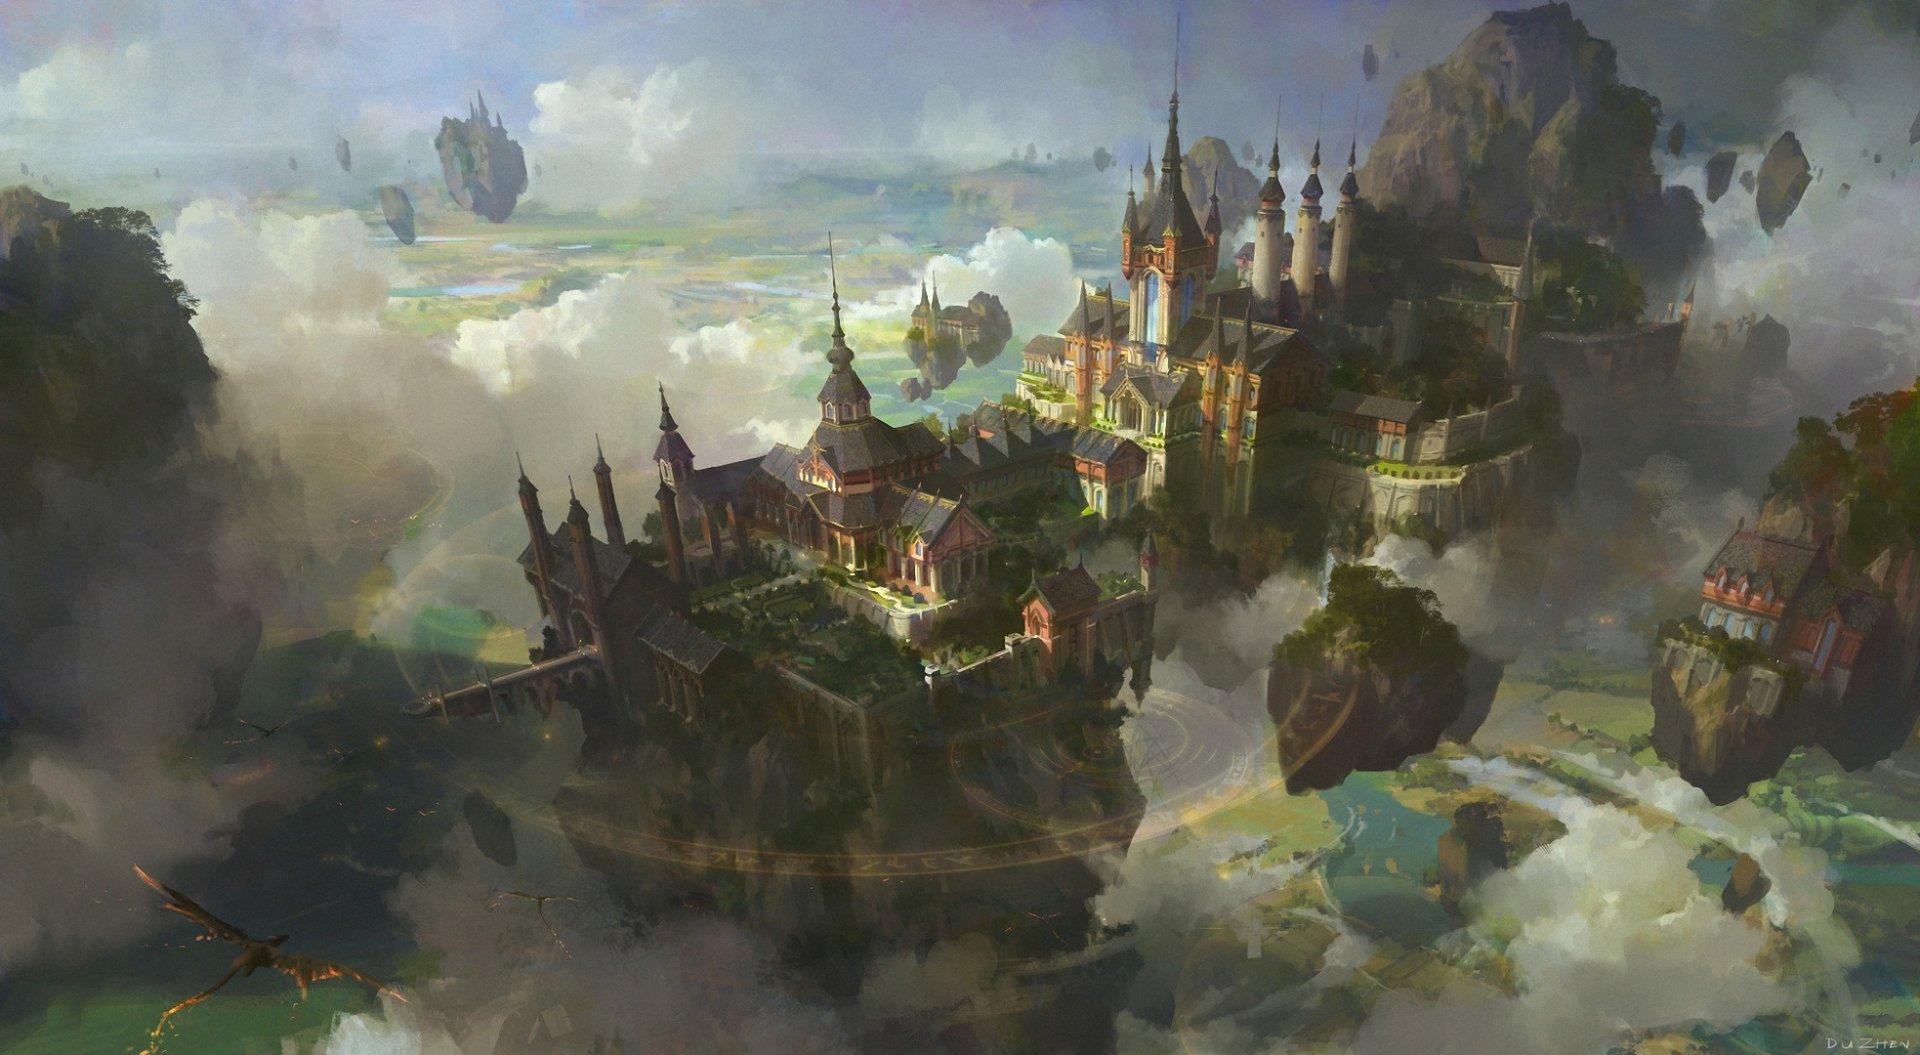 奇幻 - 城市  Floating Island 建筑 风景 云 壁纸